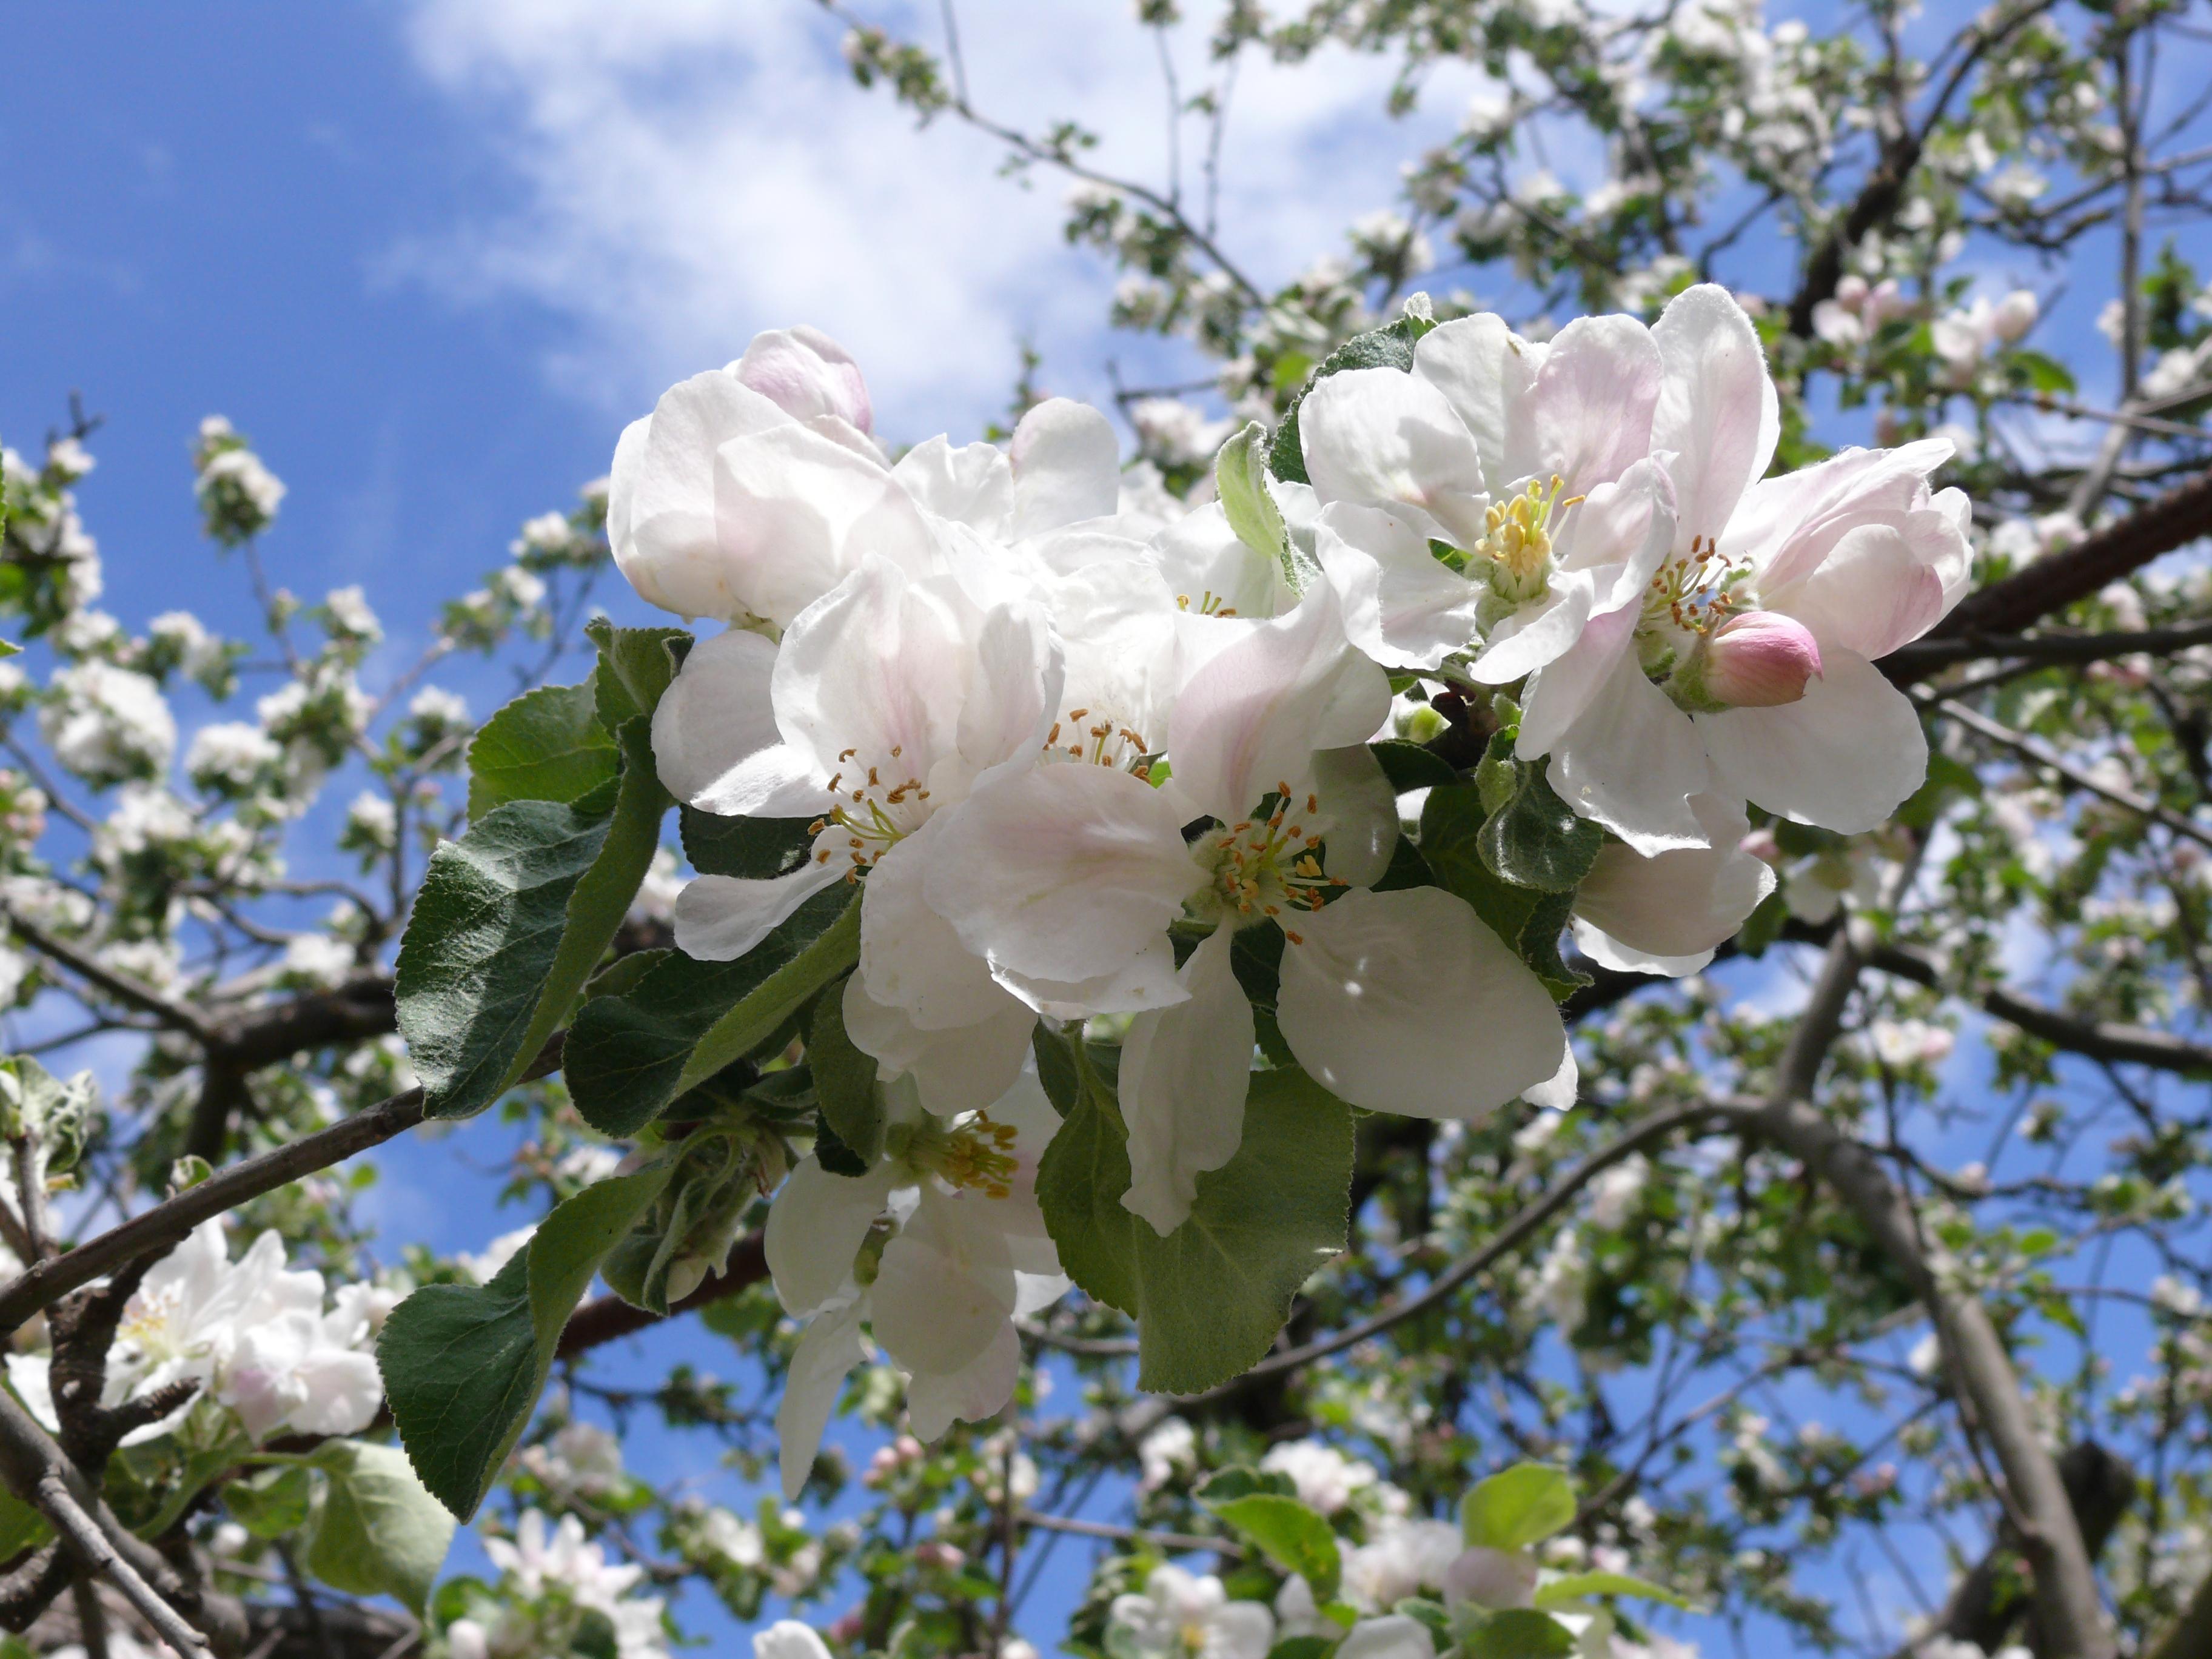 Hình ảnh mùa xuân những cành hoa trắng đẹp